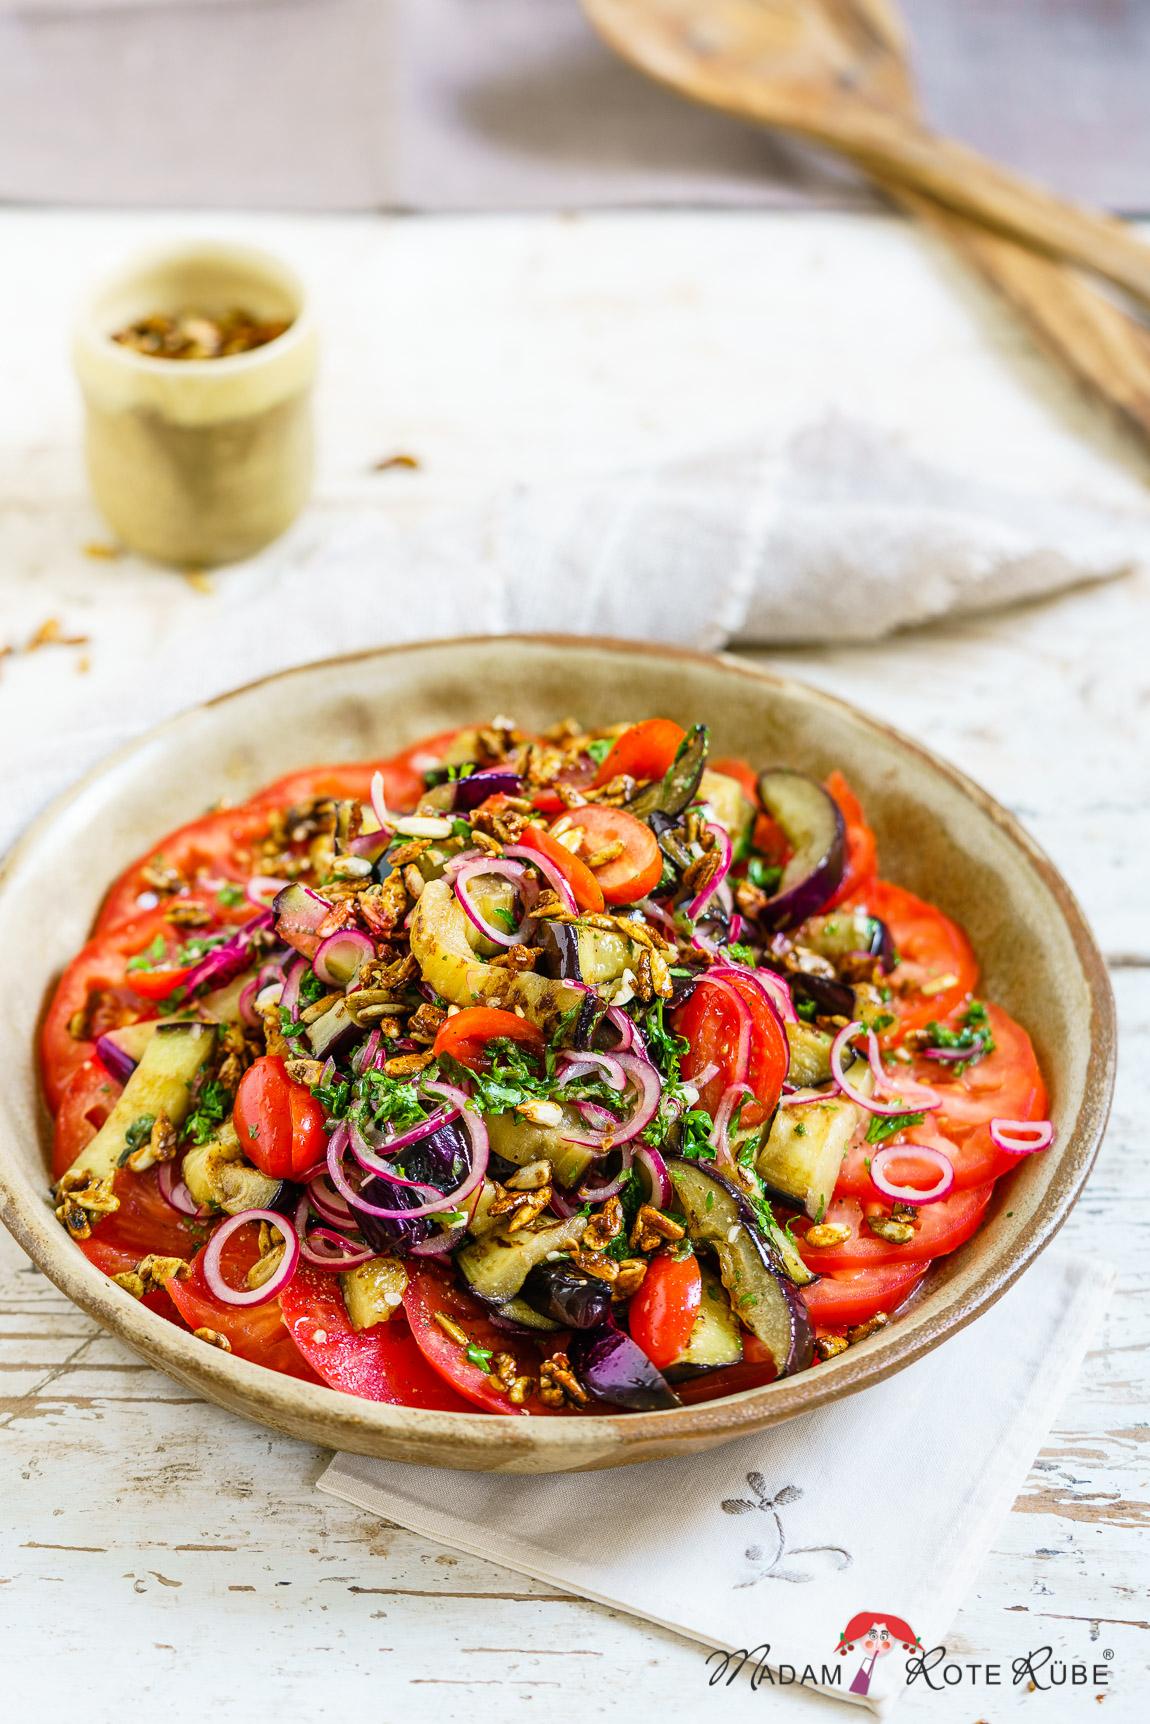 Madam Rote Rübe - Auberginen-Tomaten-Salat mit süßsaurem Honig-Dressing und pikanten Sonnenblumenkerne